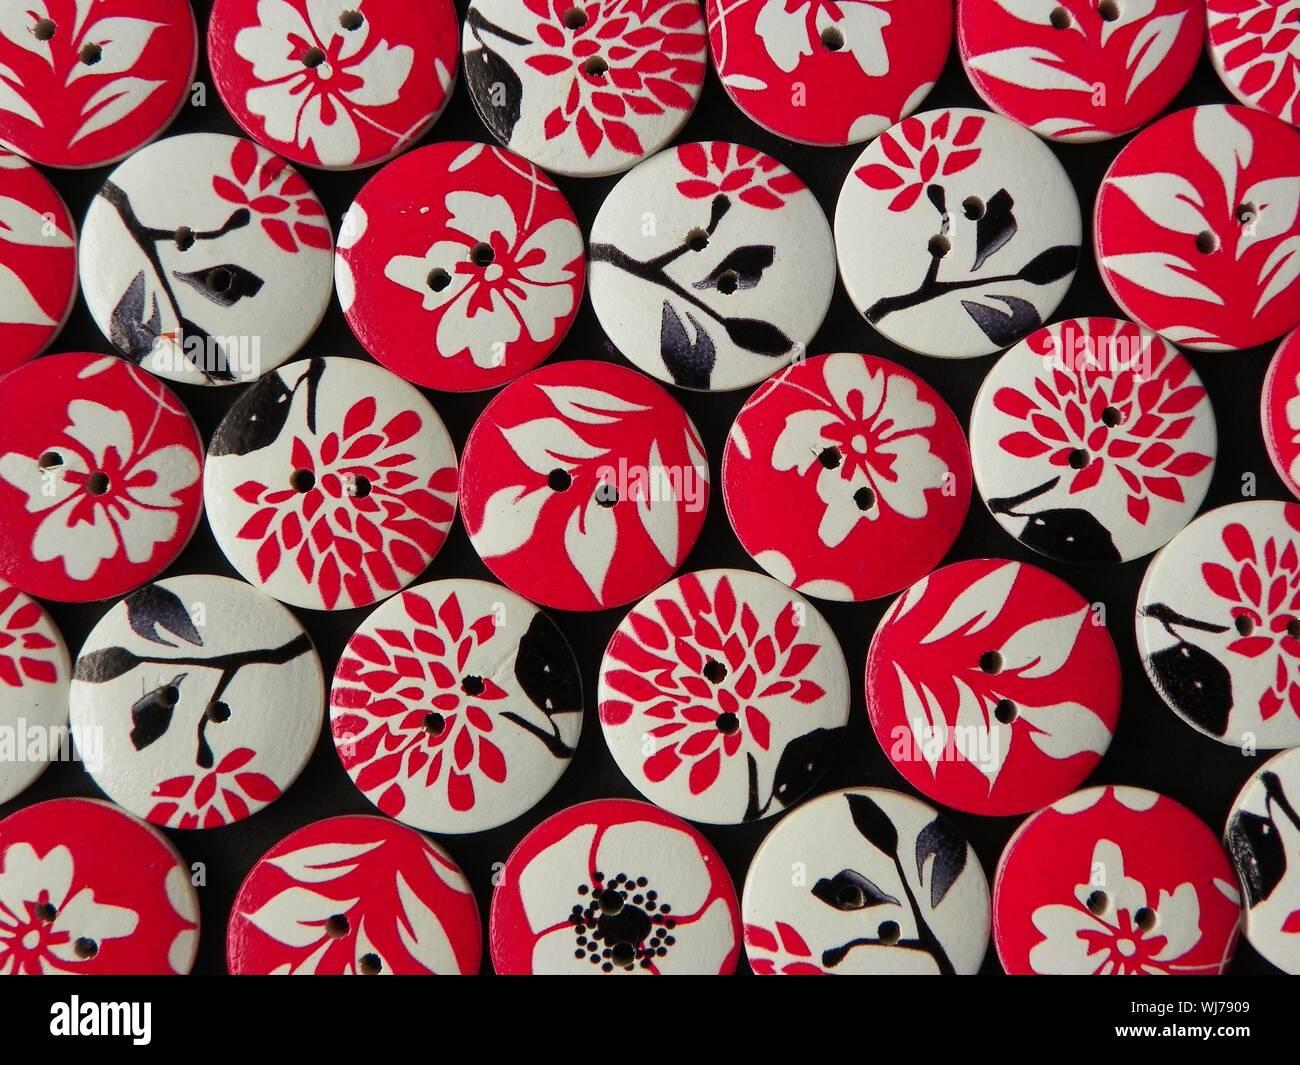 Vista de fotograma completo de botones circulares con dibujos florales Foto de stock